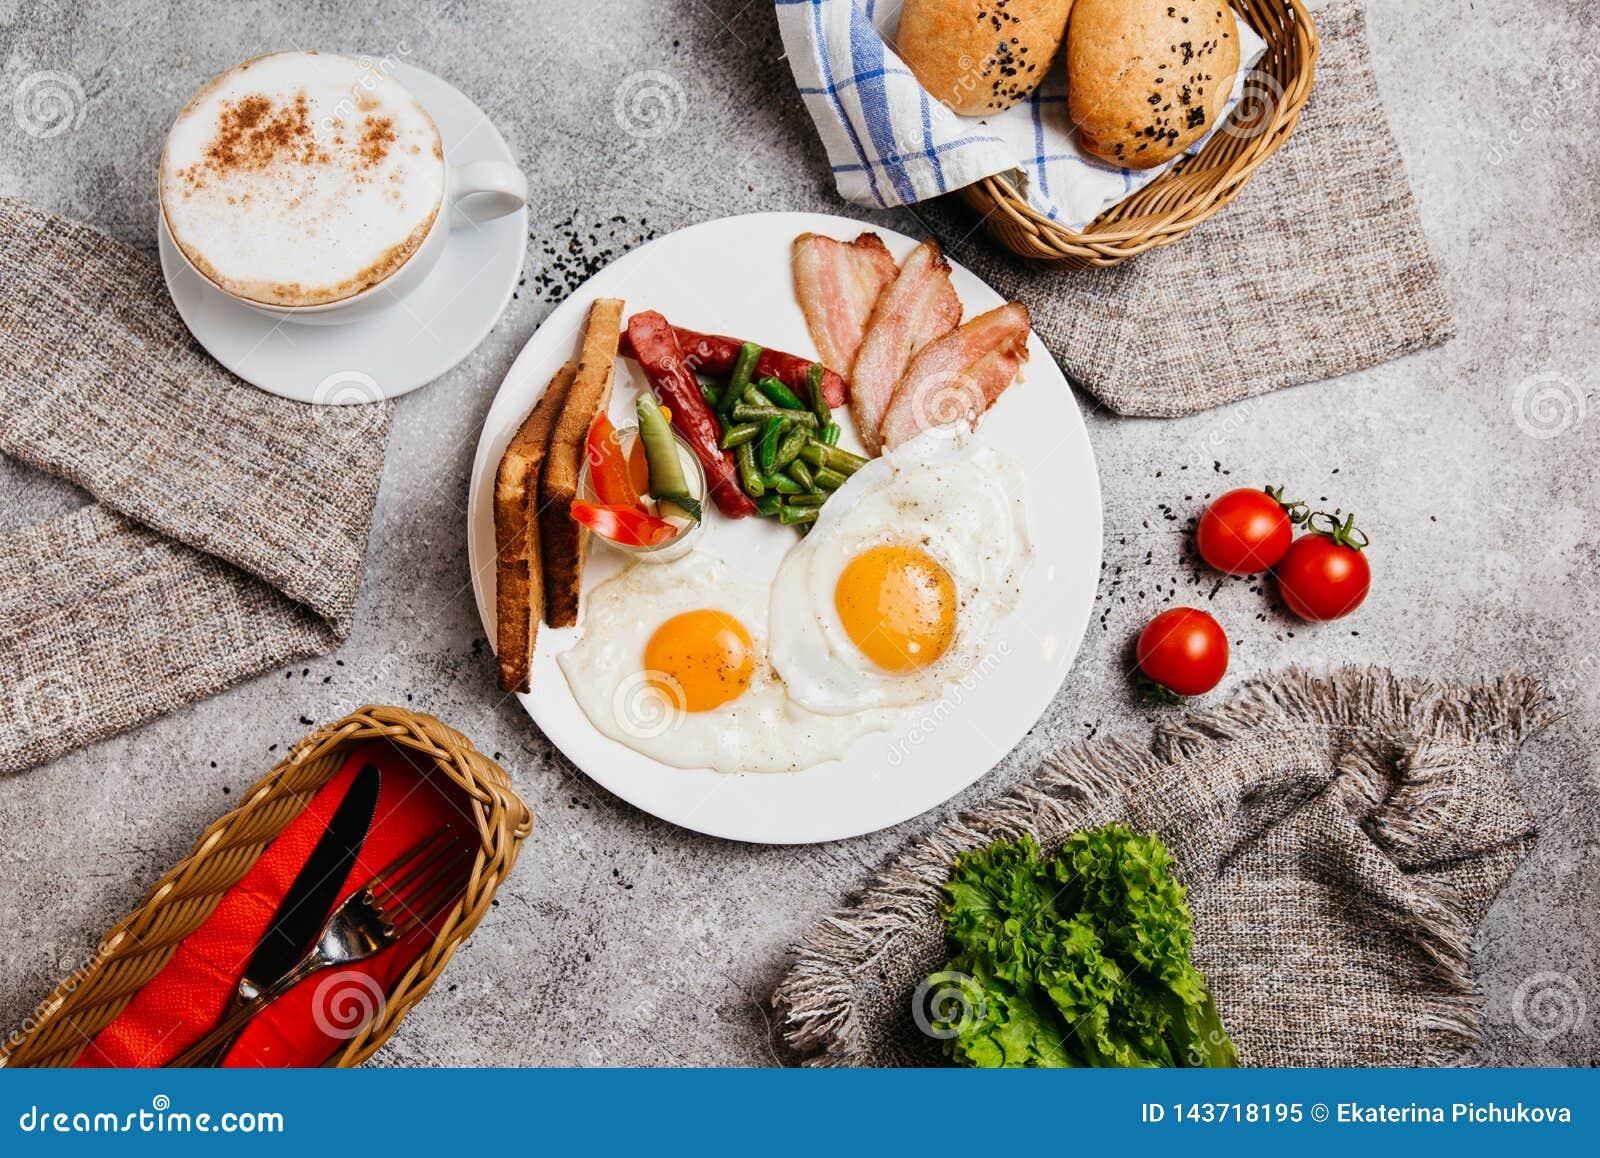 Perfect ontbijt met koffie